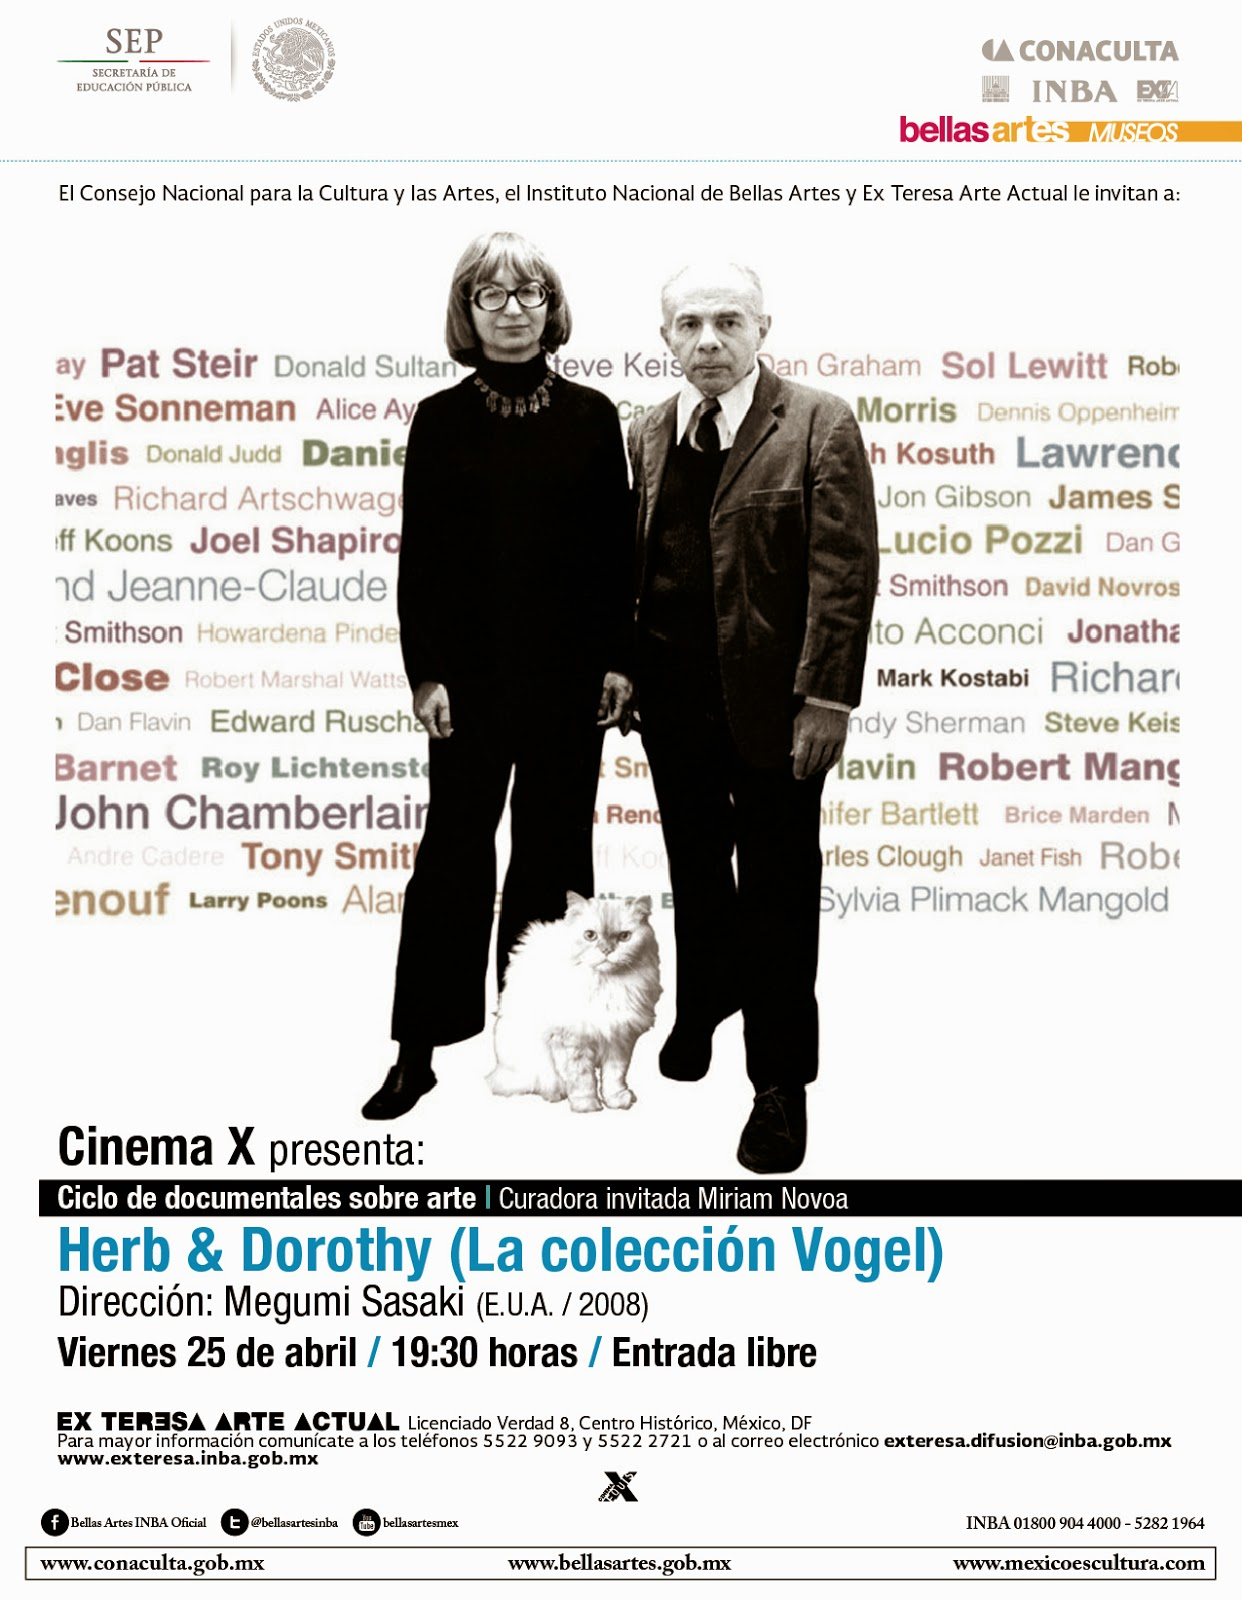 Función de cine experimental en el Ex Teresa Arte Actual